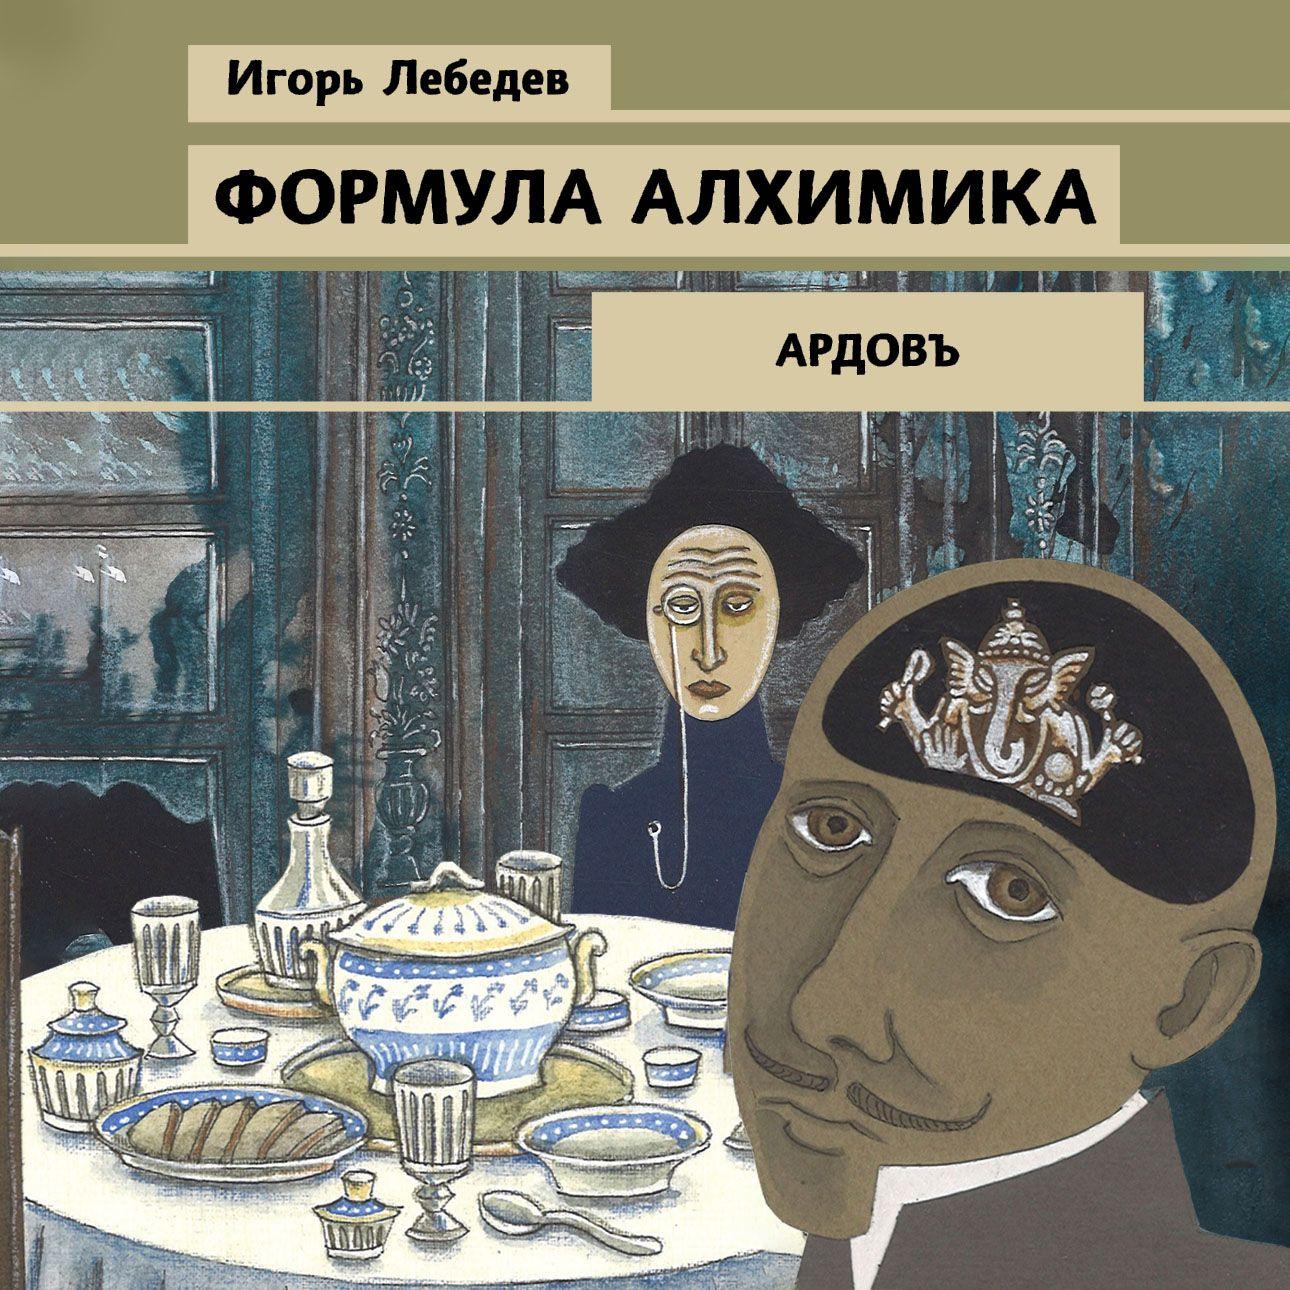 Купить книгу Формула алхимика, автора Игоря Лебедева